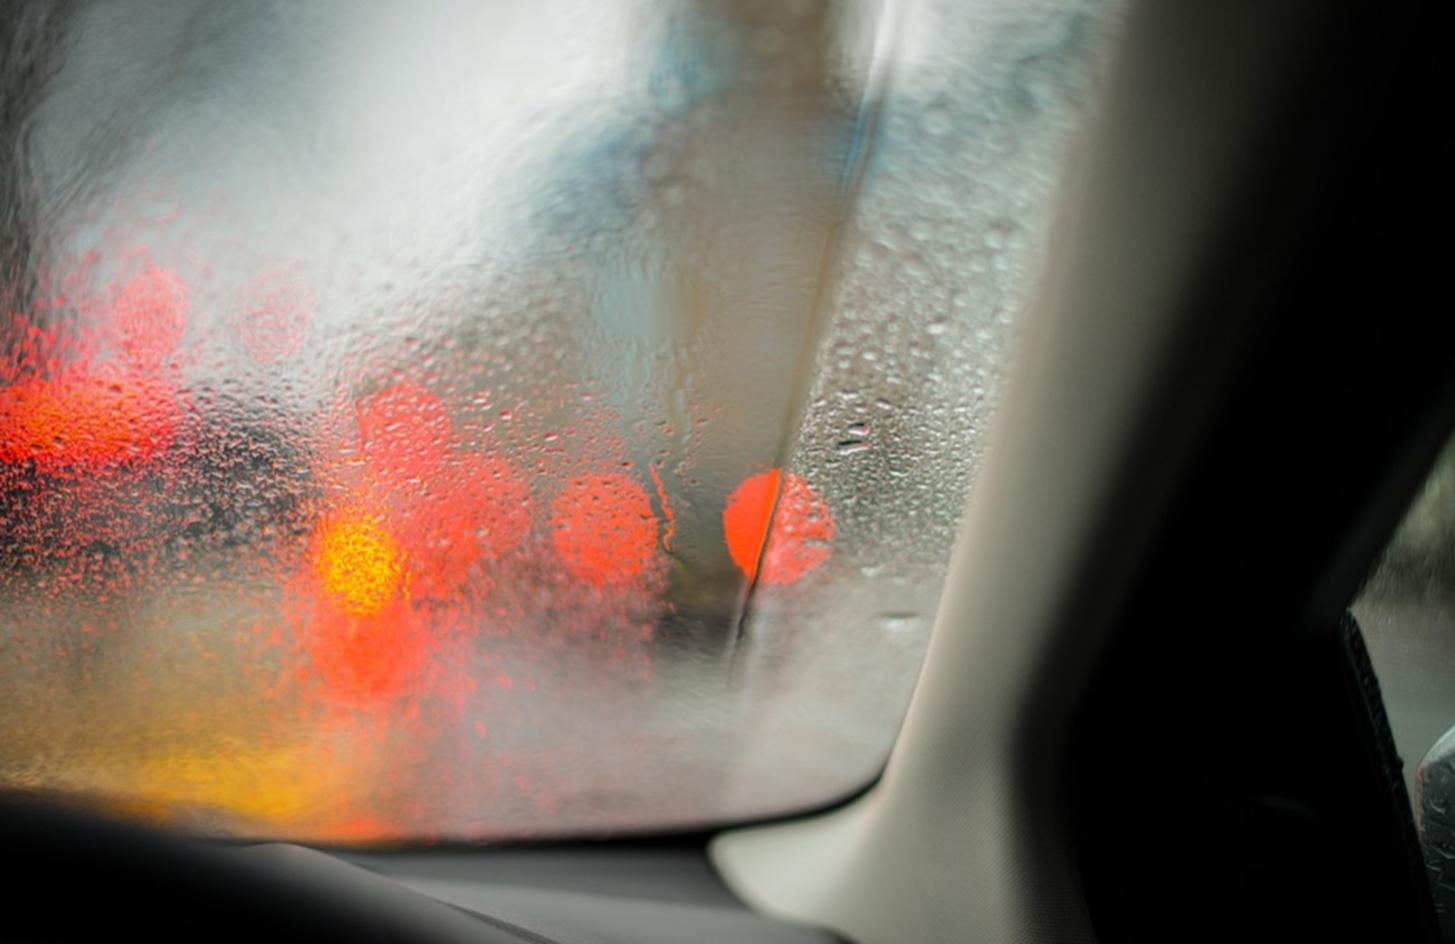 Cara Menghilangkan Embun di Kaca Mobil Pada Saat Hujan